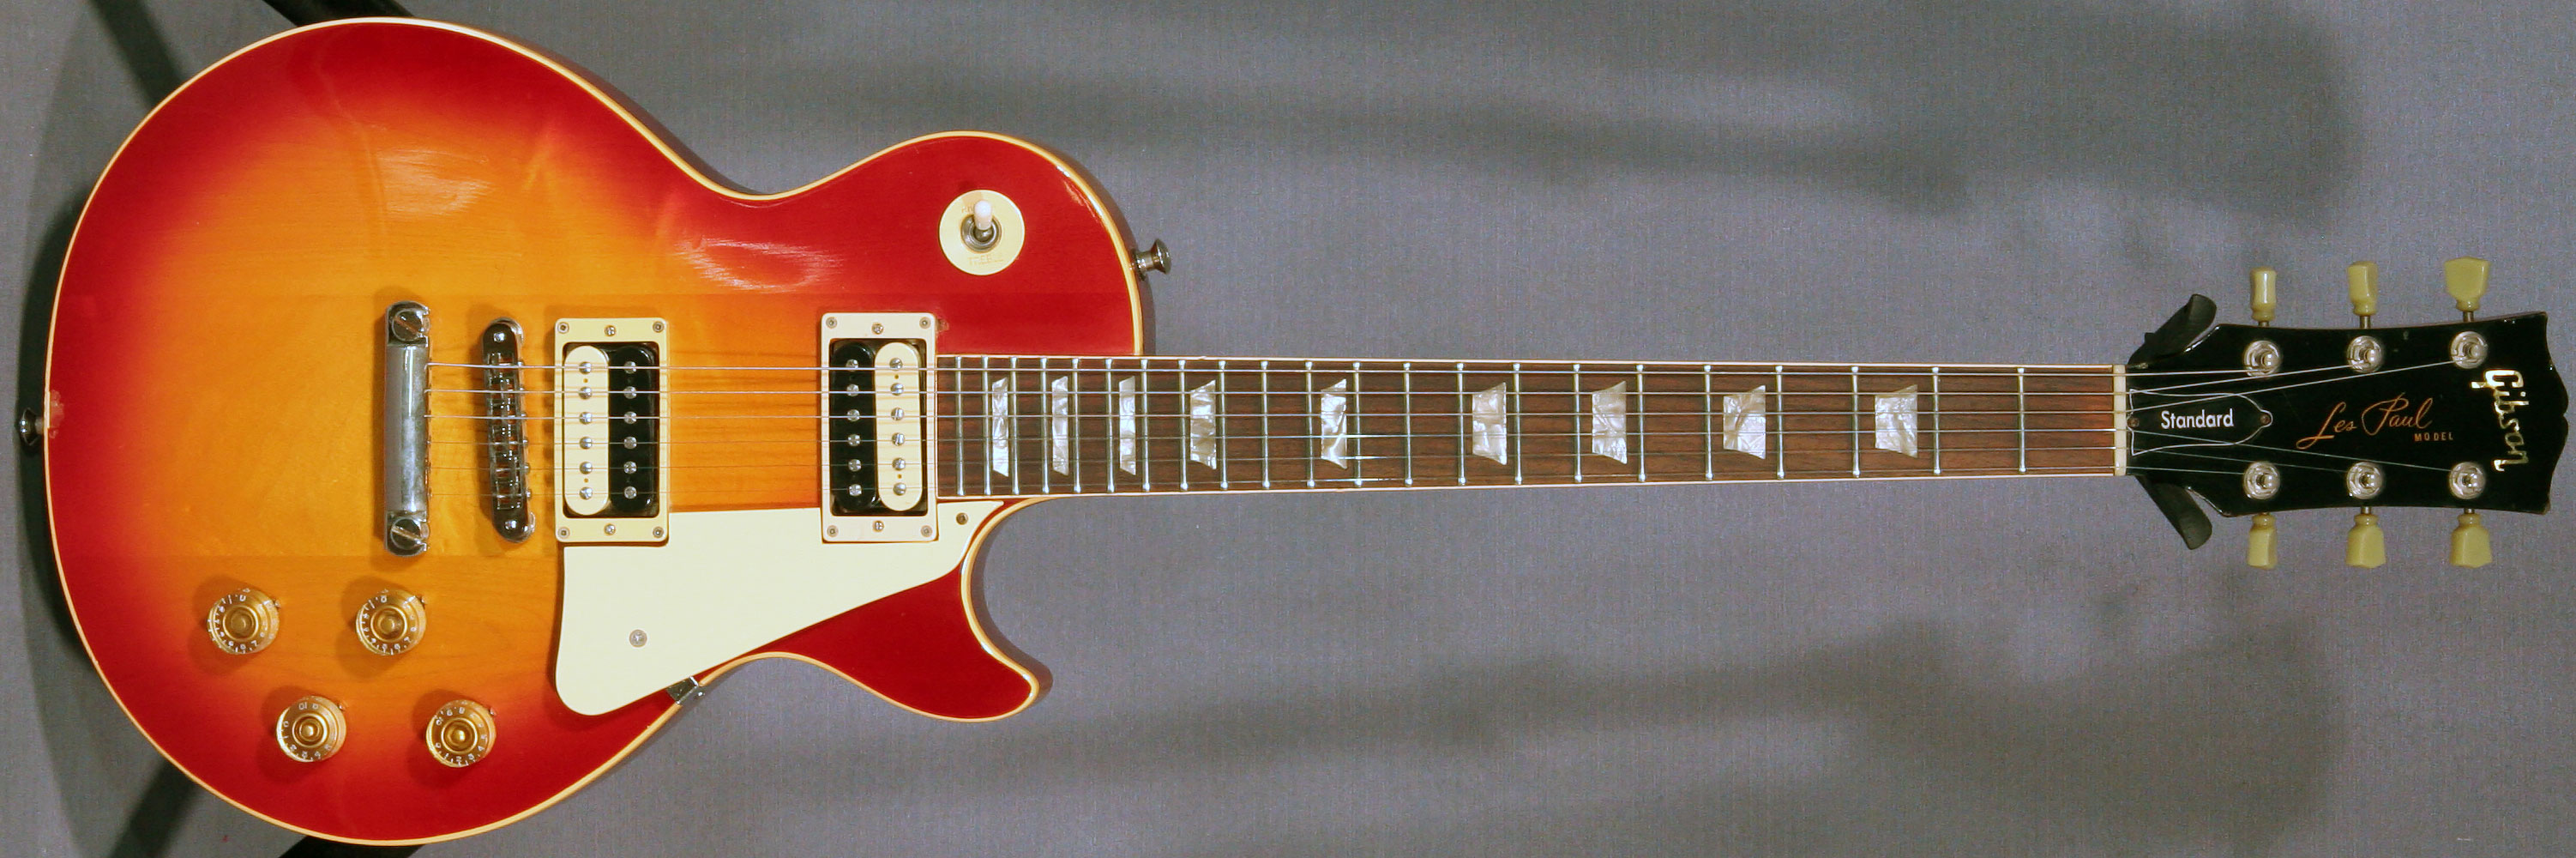 Les Paul Guitar les paul style guitars